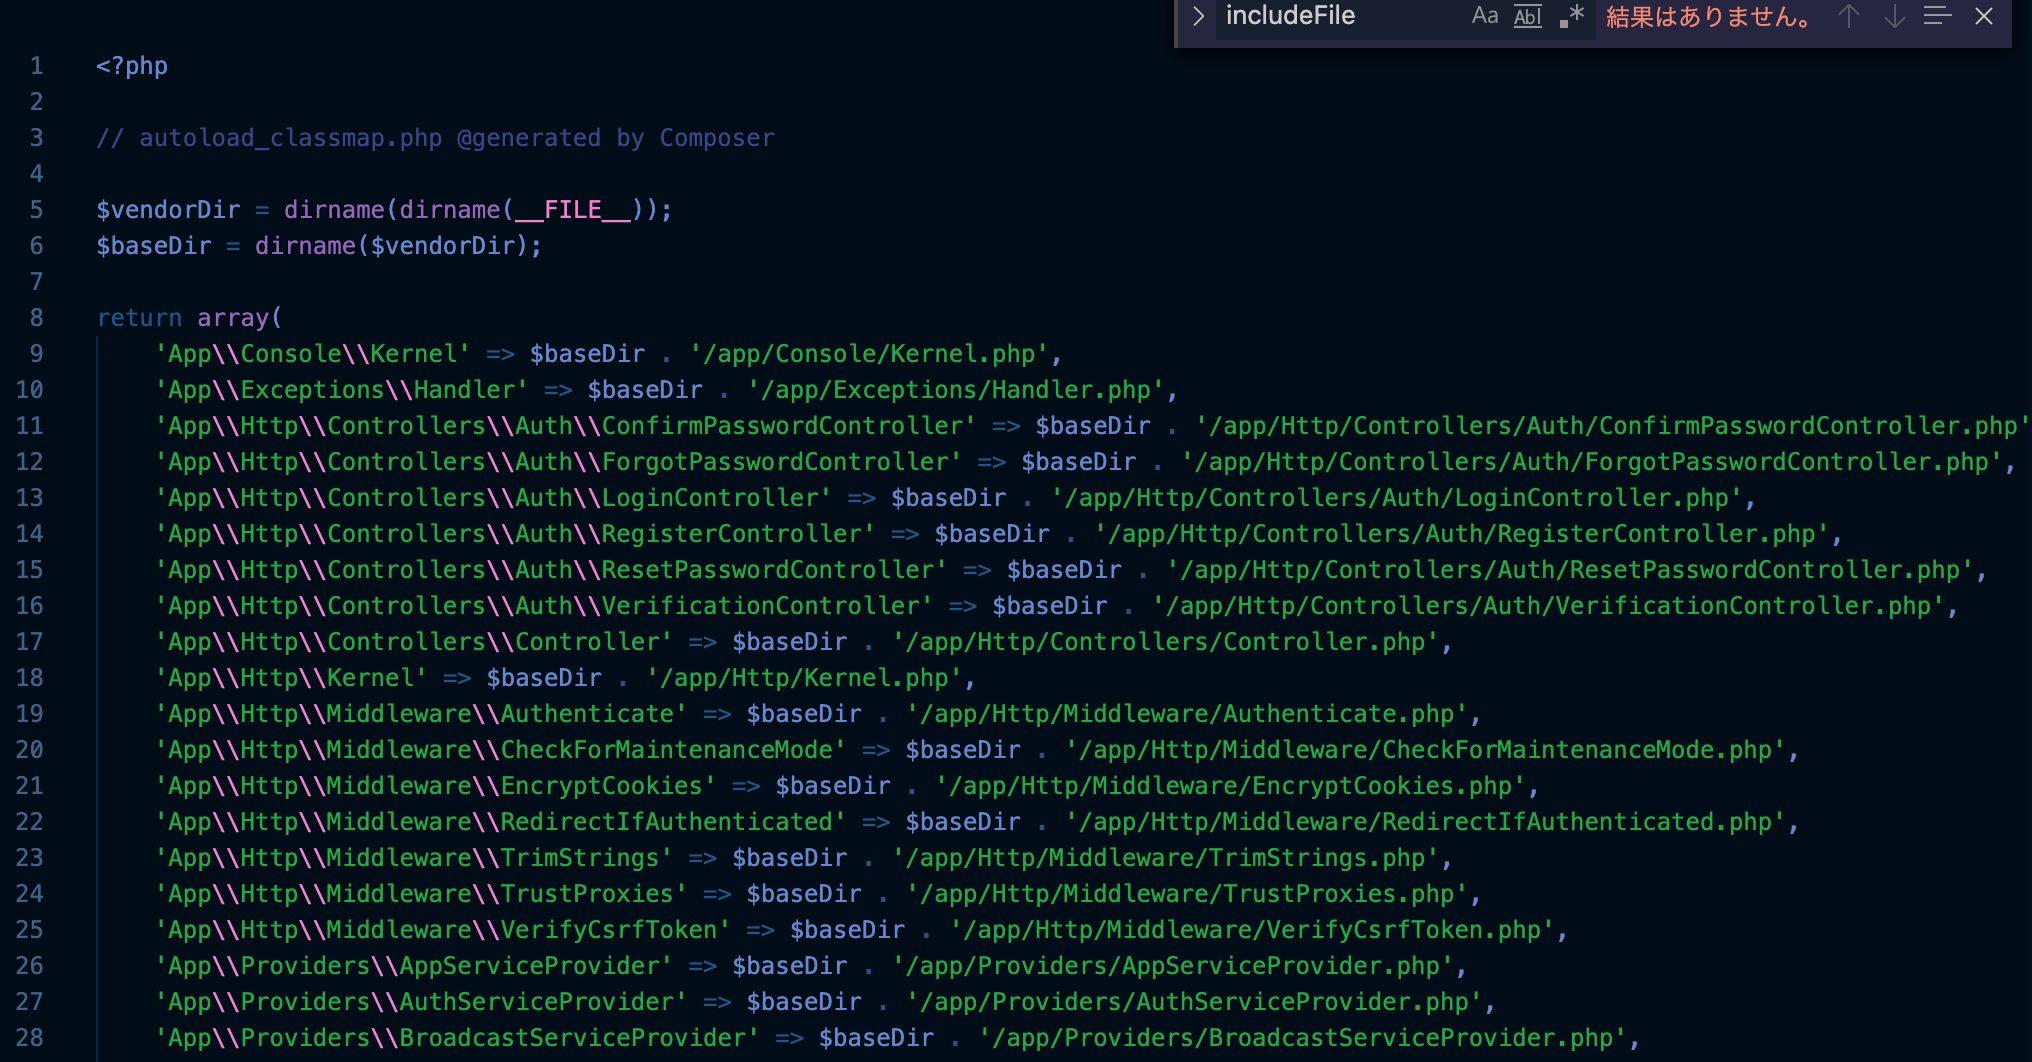 vender/composer/autoload_classmap.php